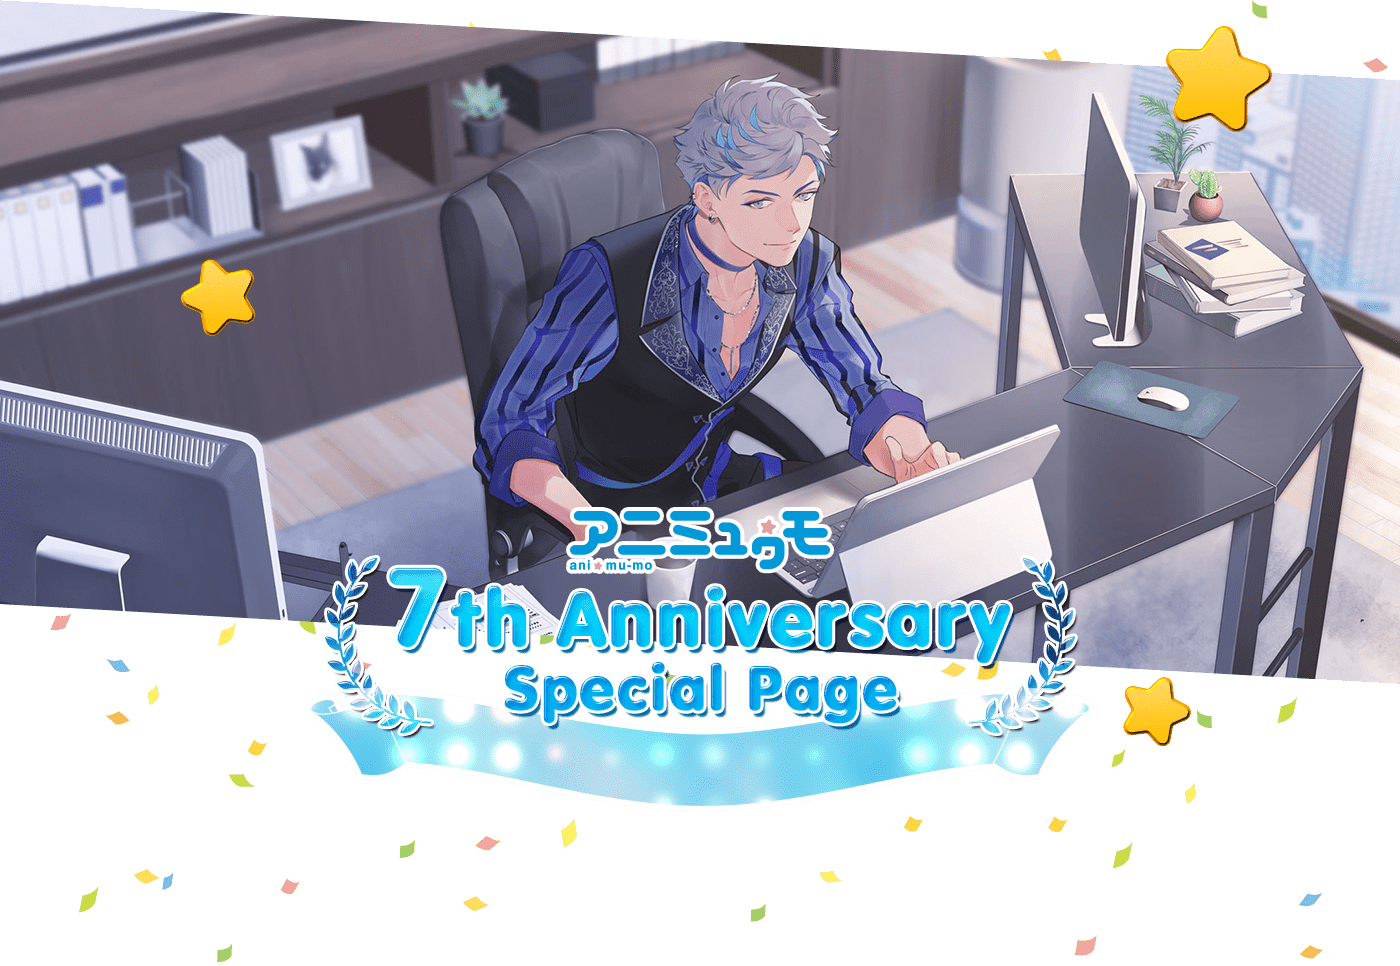 アニミュゥモ 7th Anniversary Special Page